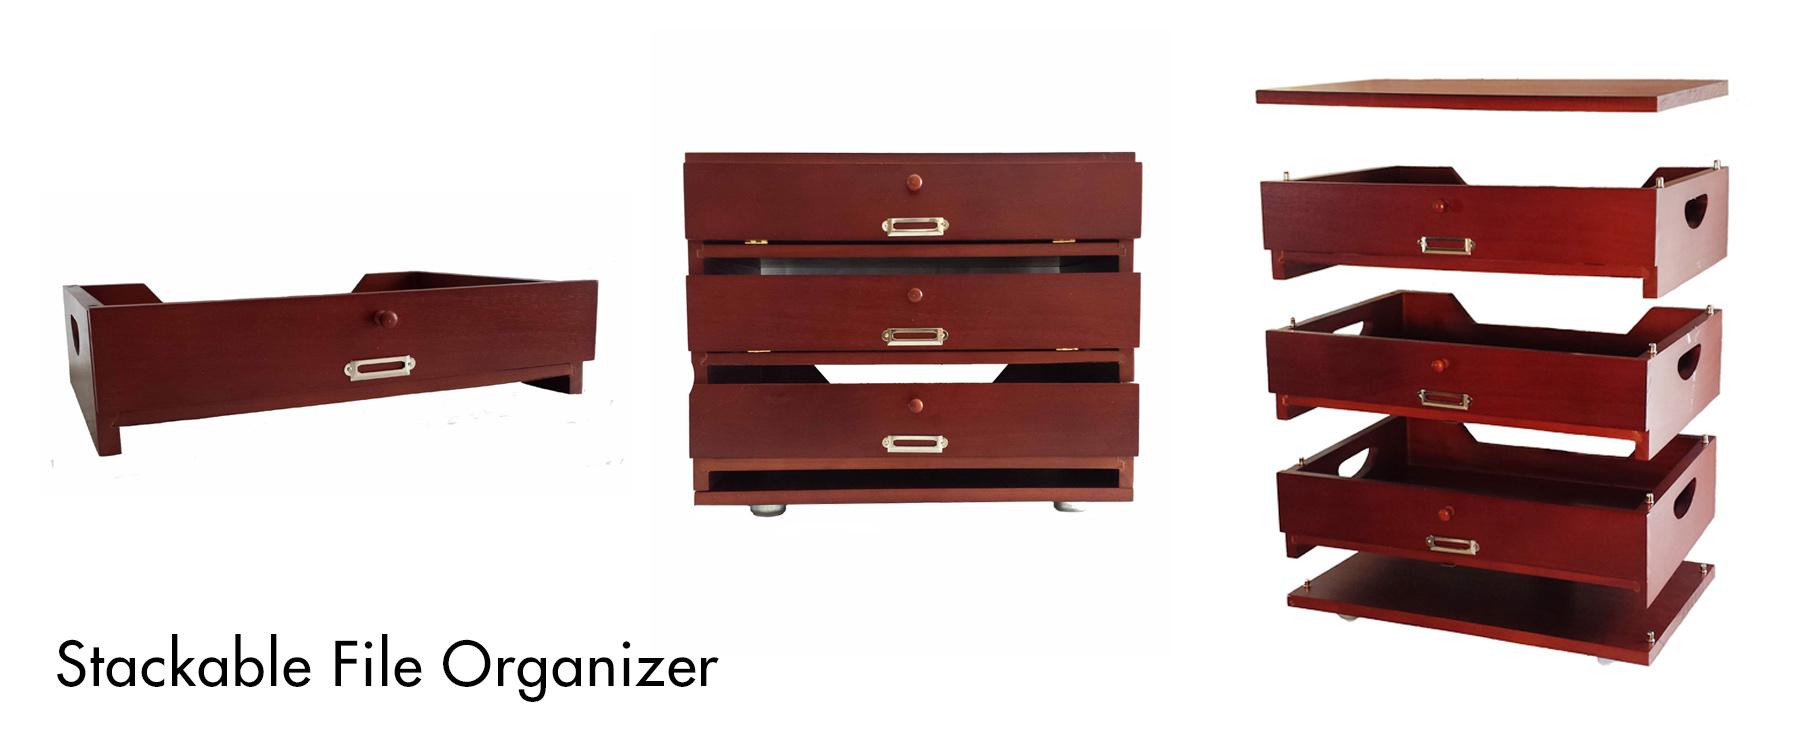 Stackable-File-Organizer-slide.jpg